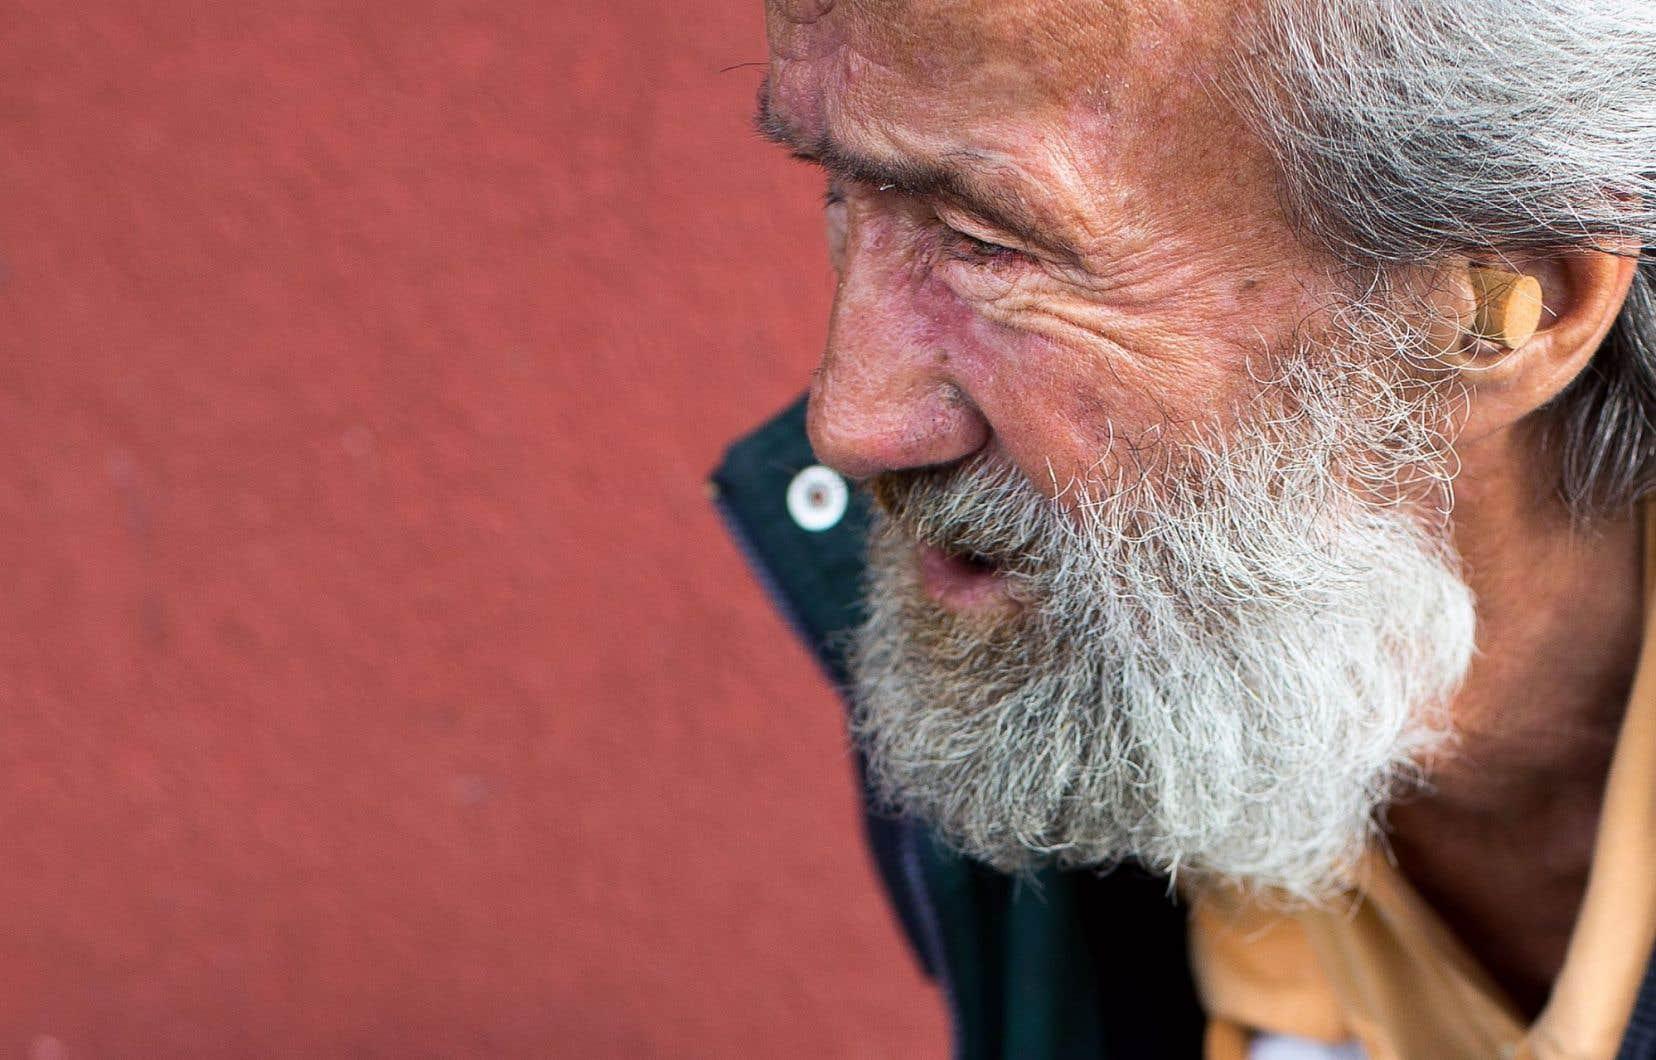 Raymond, le sans-abri qui apparaît dans les vidéos, a été rencontré aux abords du métro Papineau, où auraient eu lieu les deux agressions.